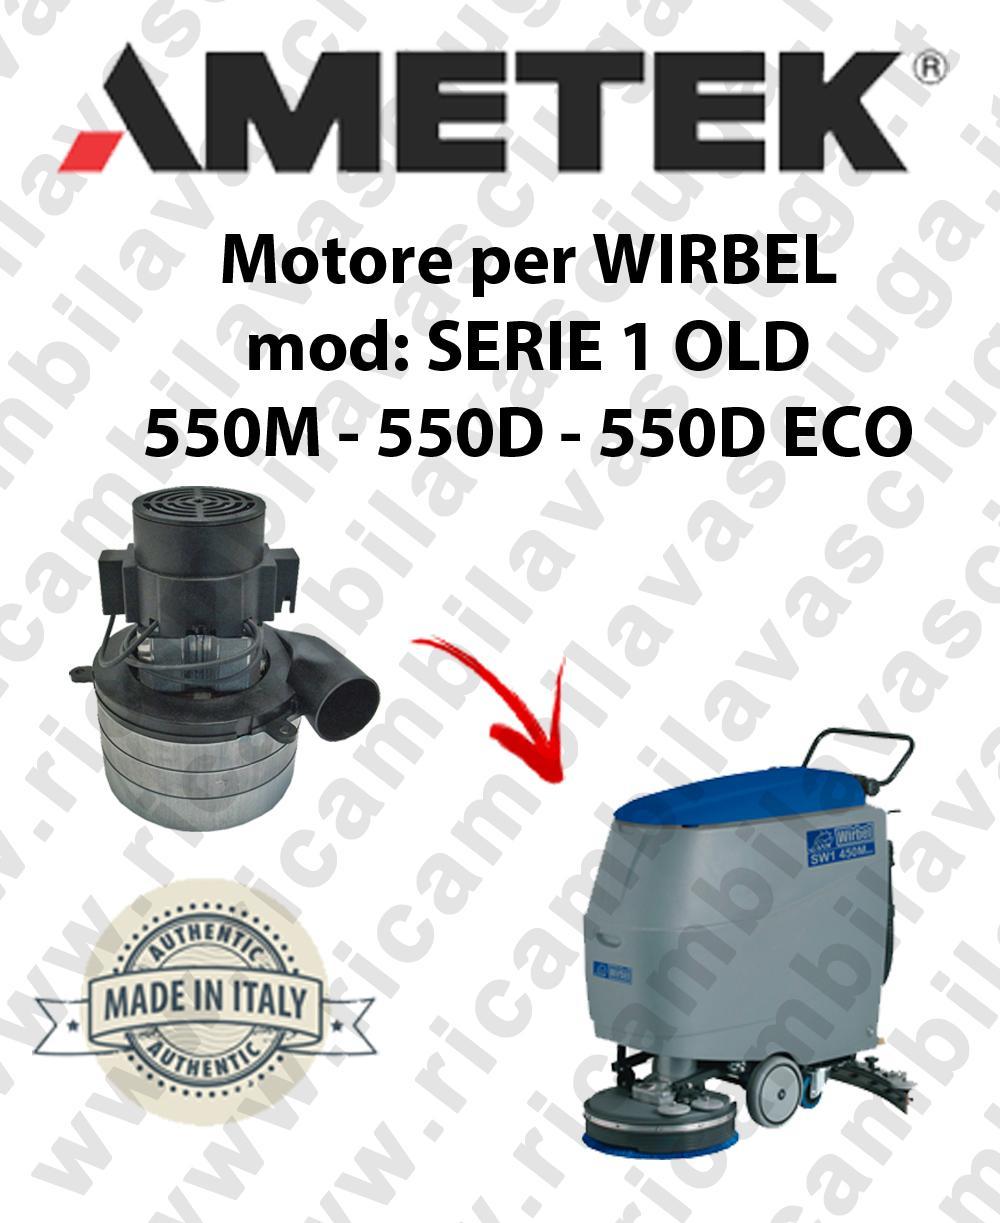 SERIE 1 OLD 550M 550D 550D ECO MOTORE AMETEK di aspirazione per lavapavimenti WIRBEL